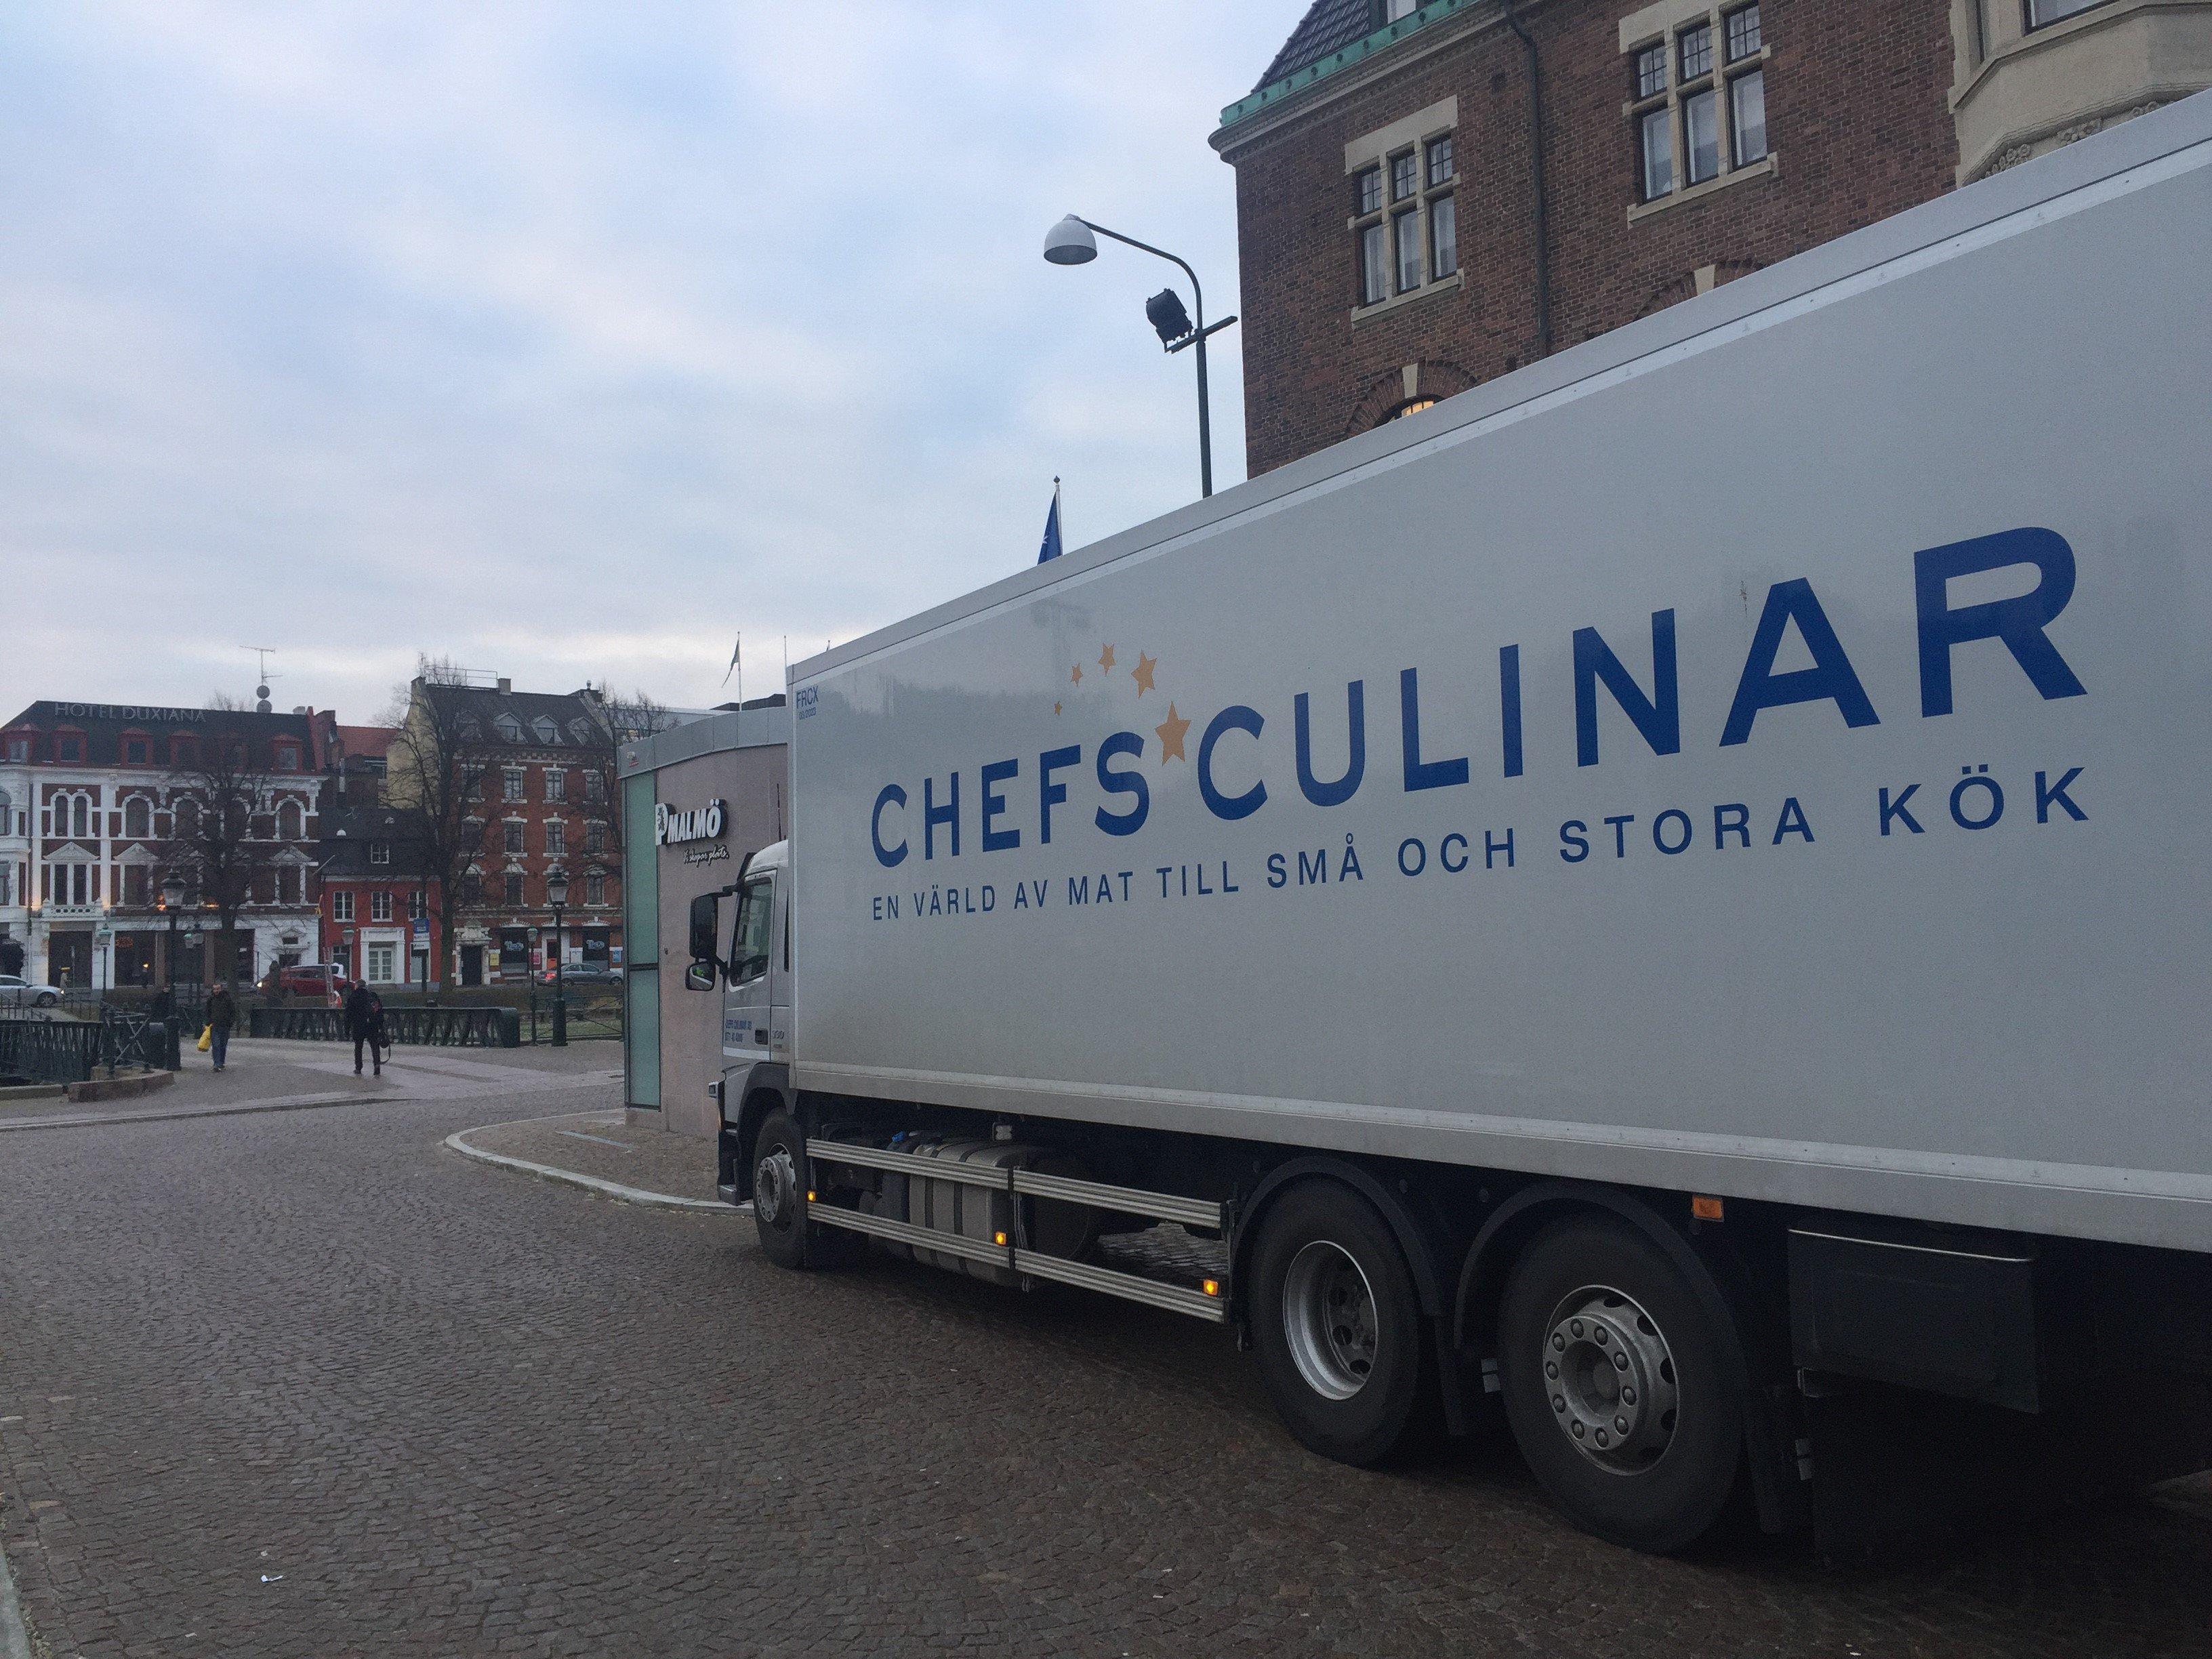 Chefs Culinar etablerar ny logistikanläggning i Sunnanå utanför Malmö